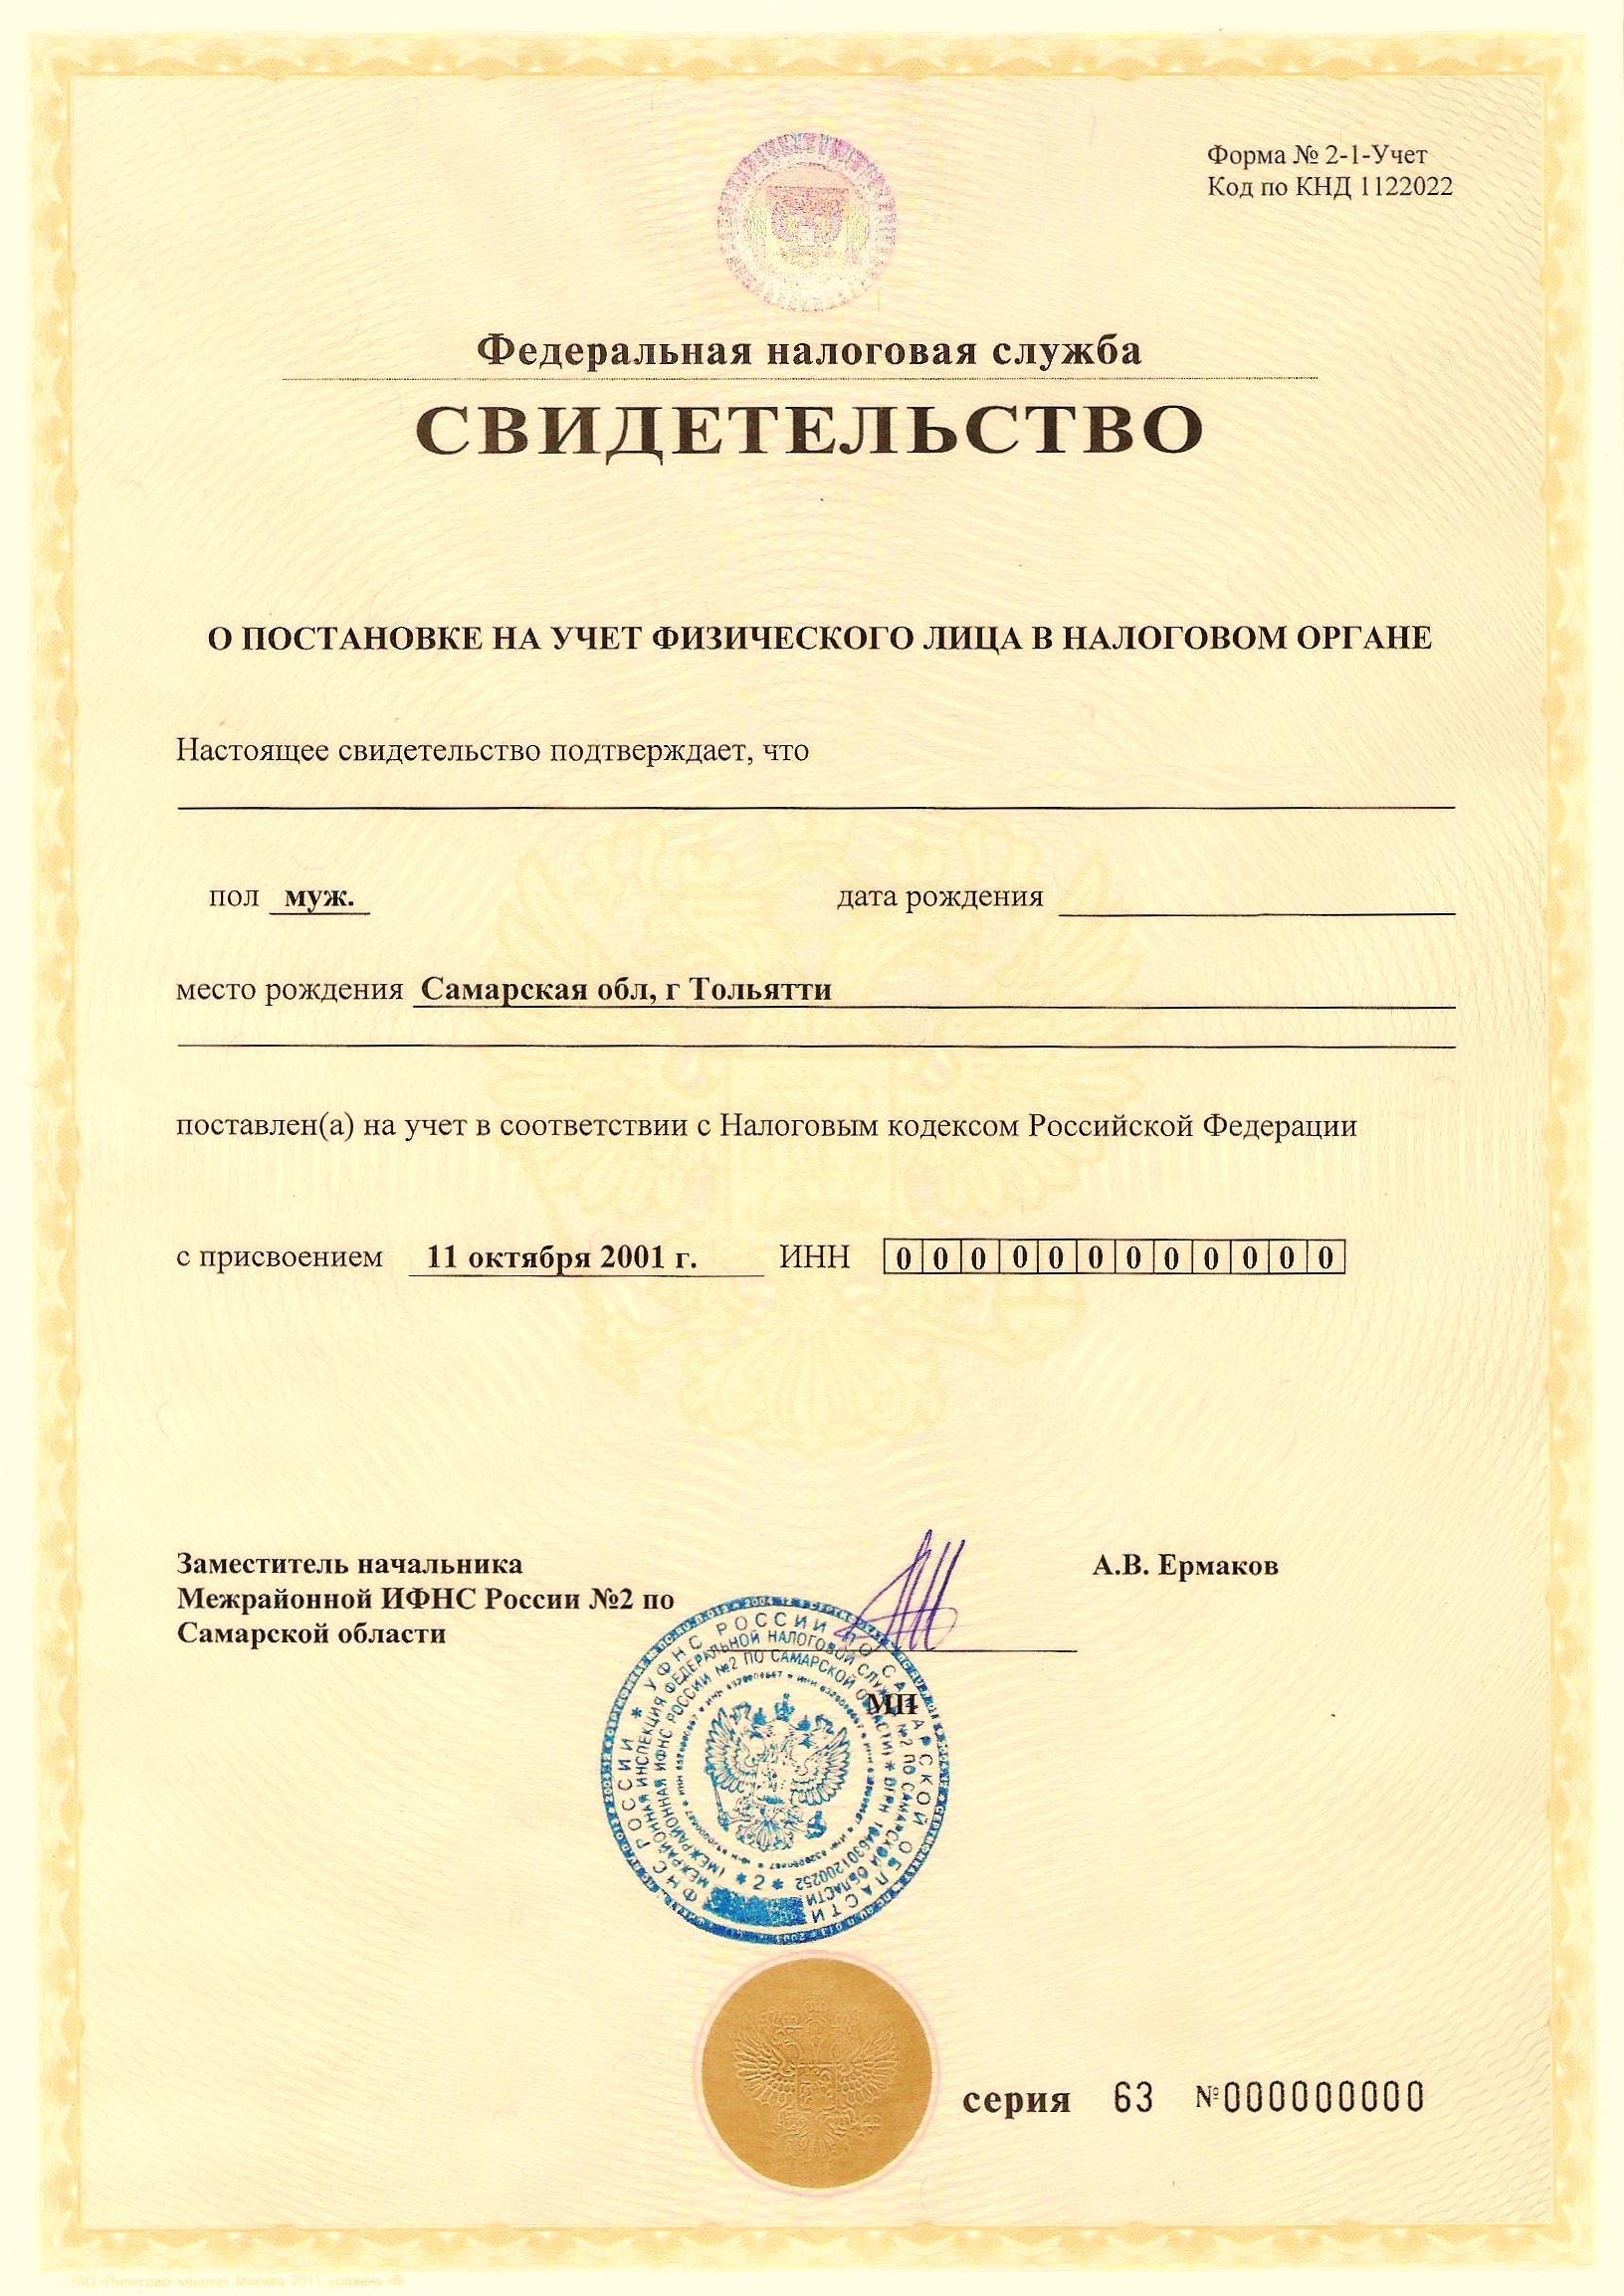 ИНН проверка для физического и юридического лица